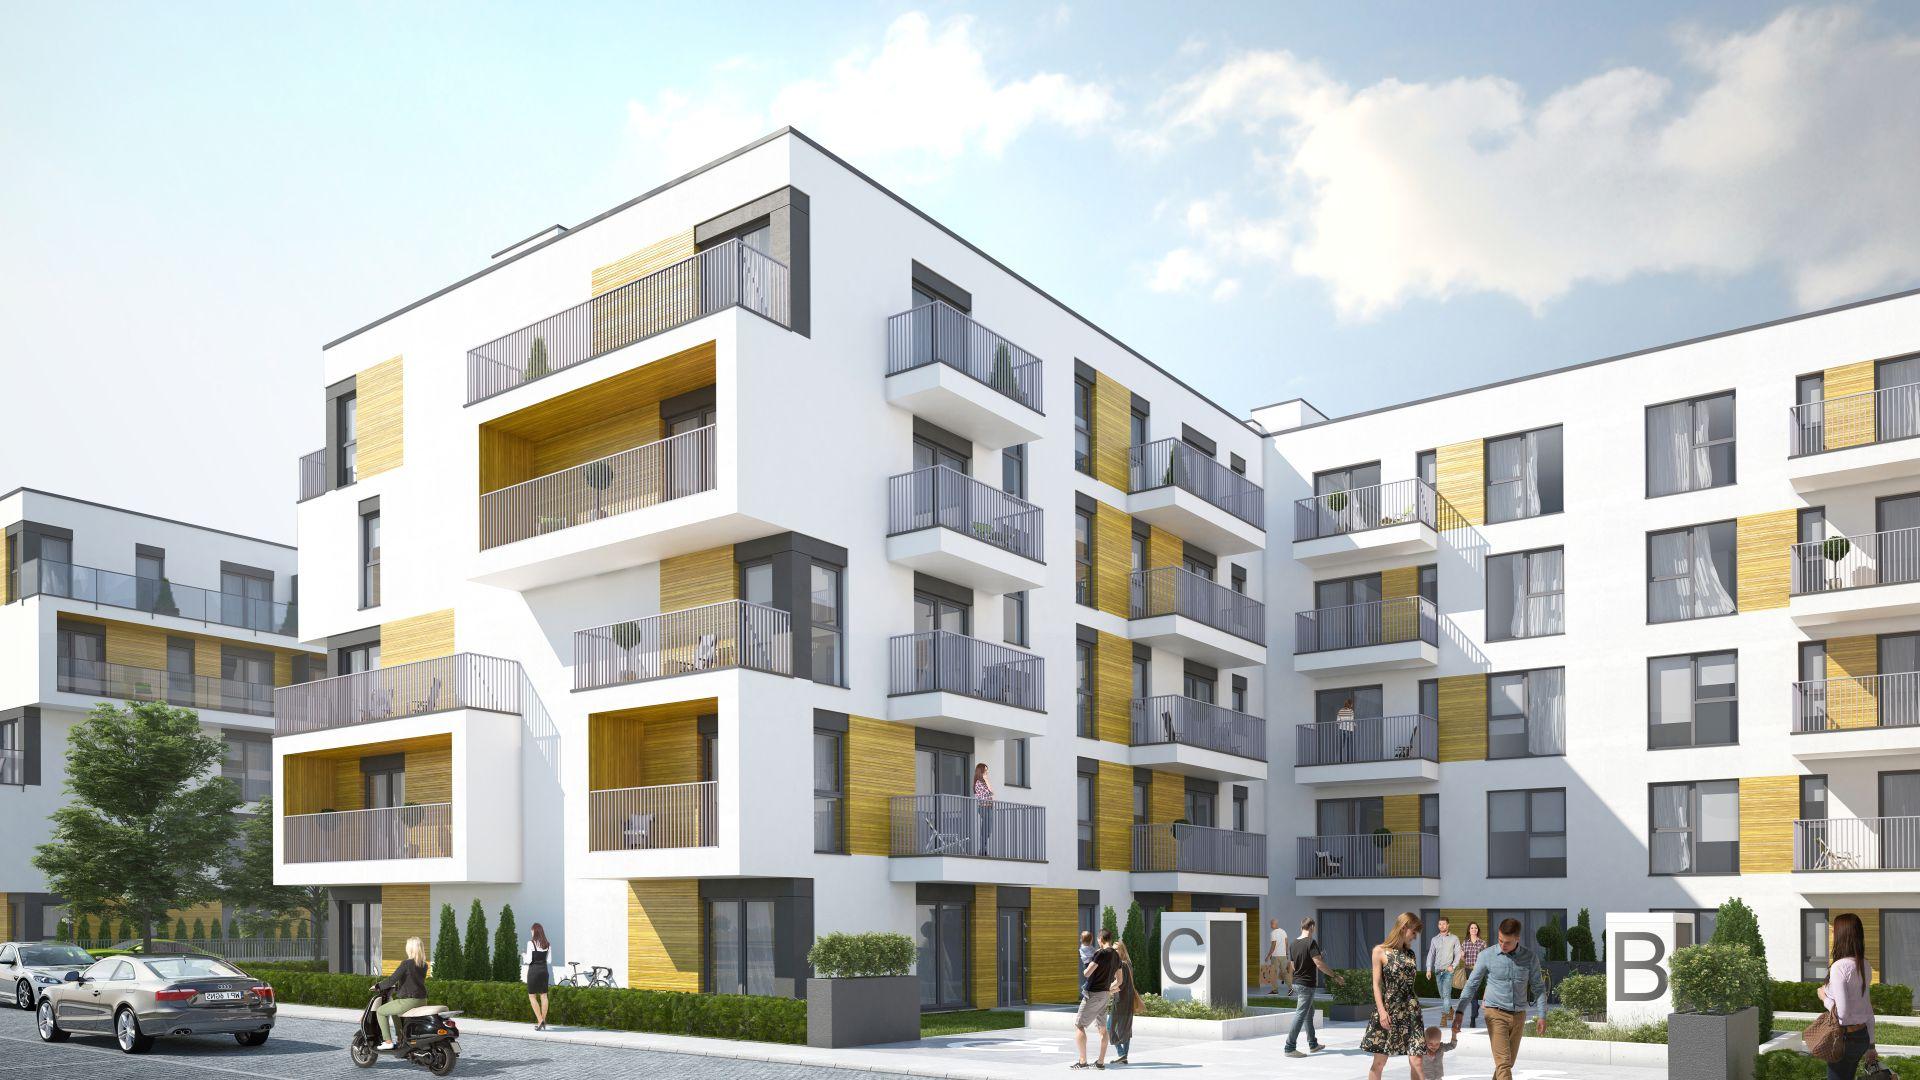 Mieszkanie w inwestycji: Stacja Dom etap III